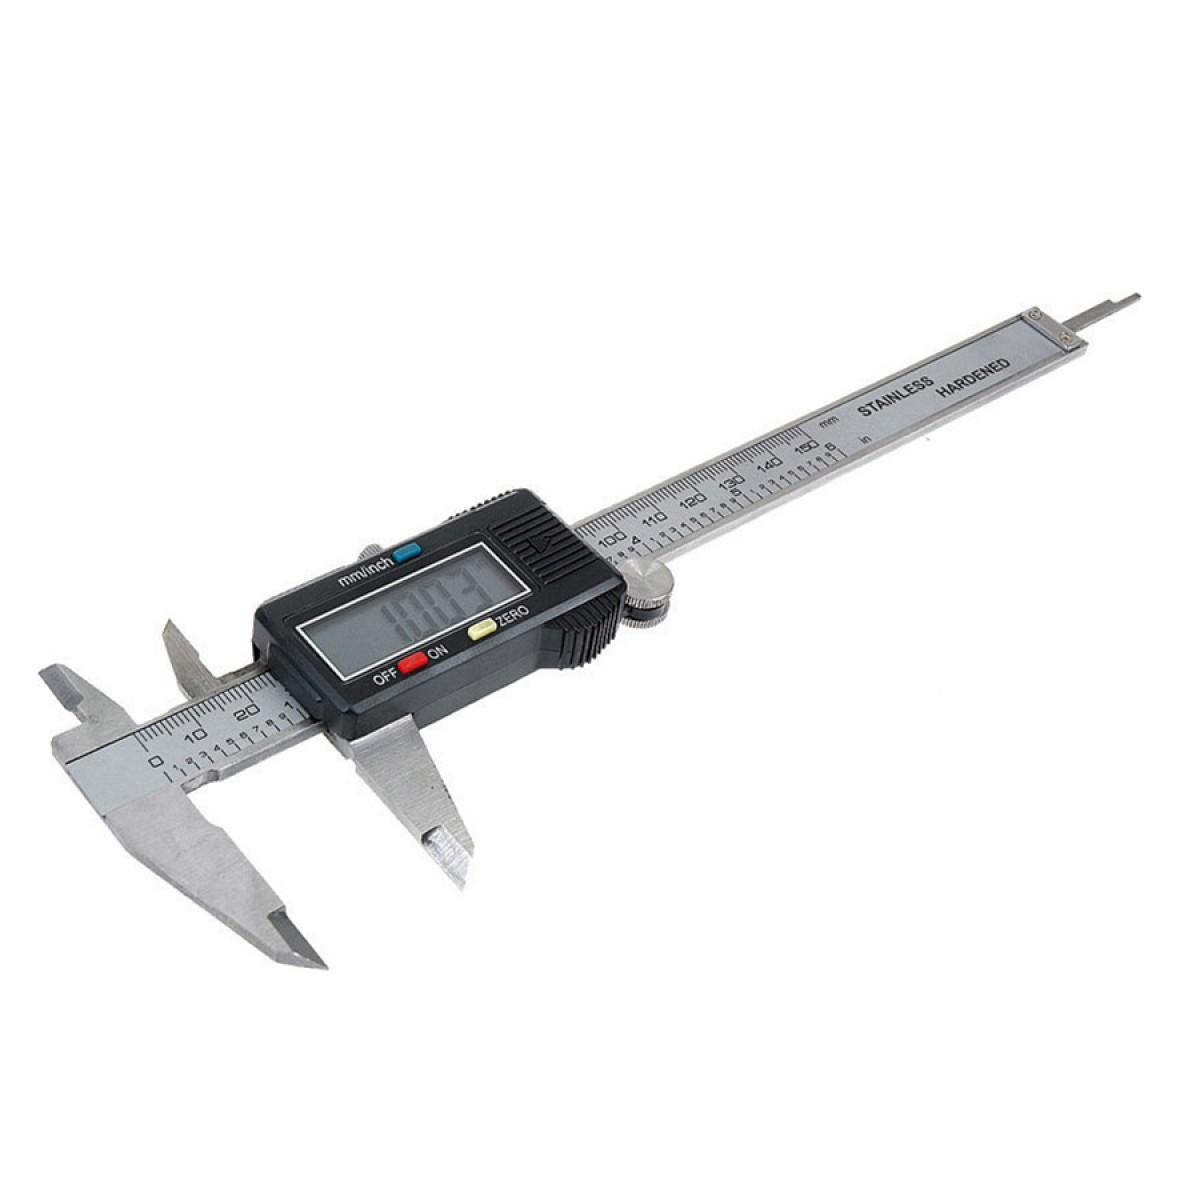 Μεταλλικό Ψηφιακό Παχύμετρο 150mm